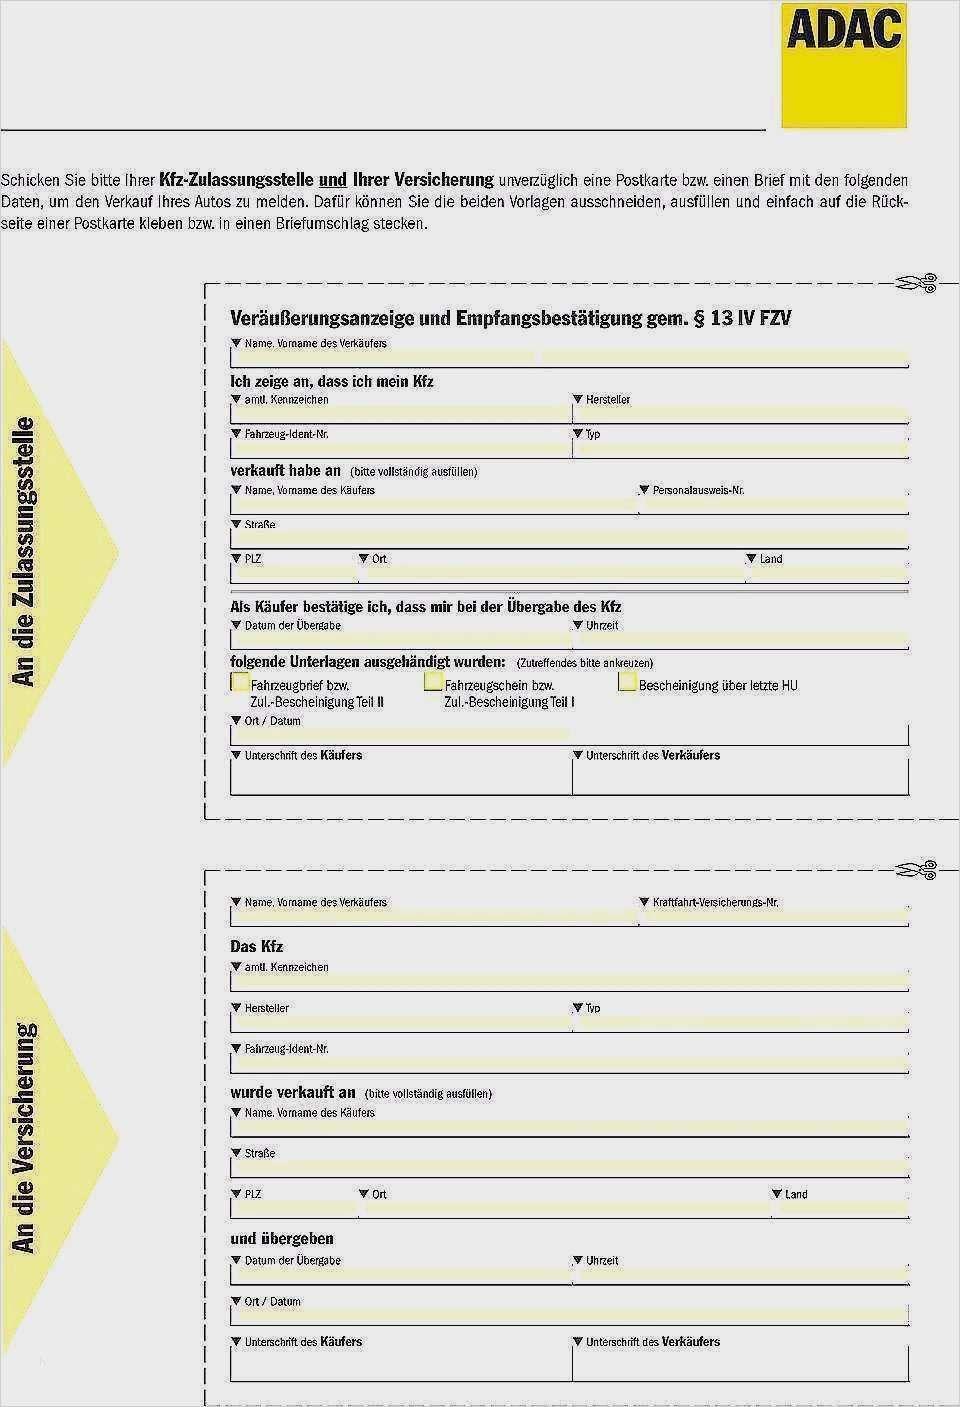 40 Erstaunlich Vollmacht Kfz Nutzung Vorlage Adac Sie Konnen Einstellen Fur Ihre Wichtigsten In 2020 Lebenslauf Layout Schufa Auskunft Vollmacht